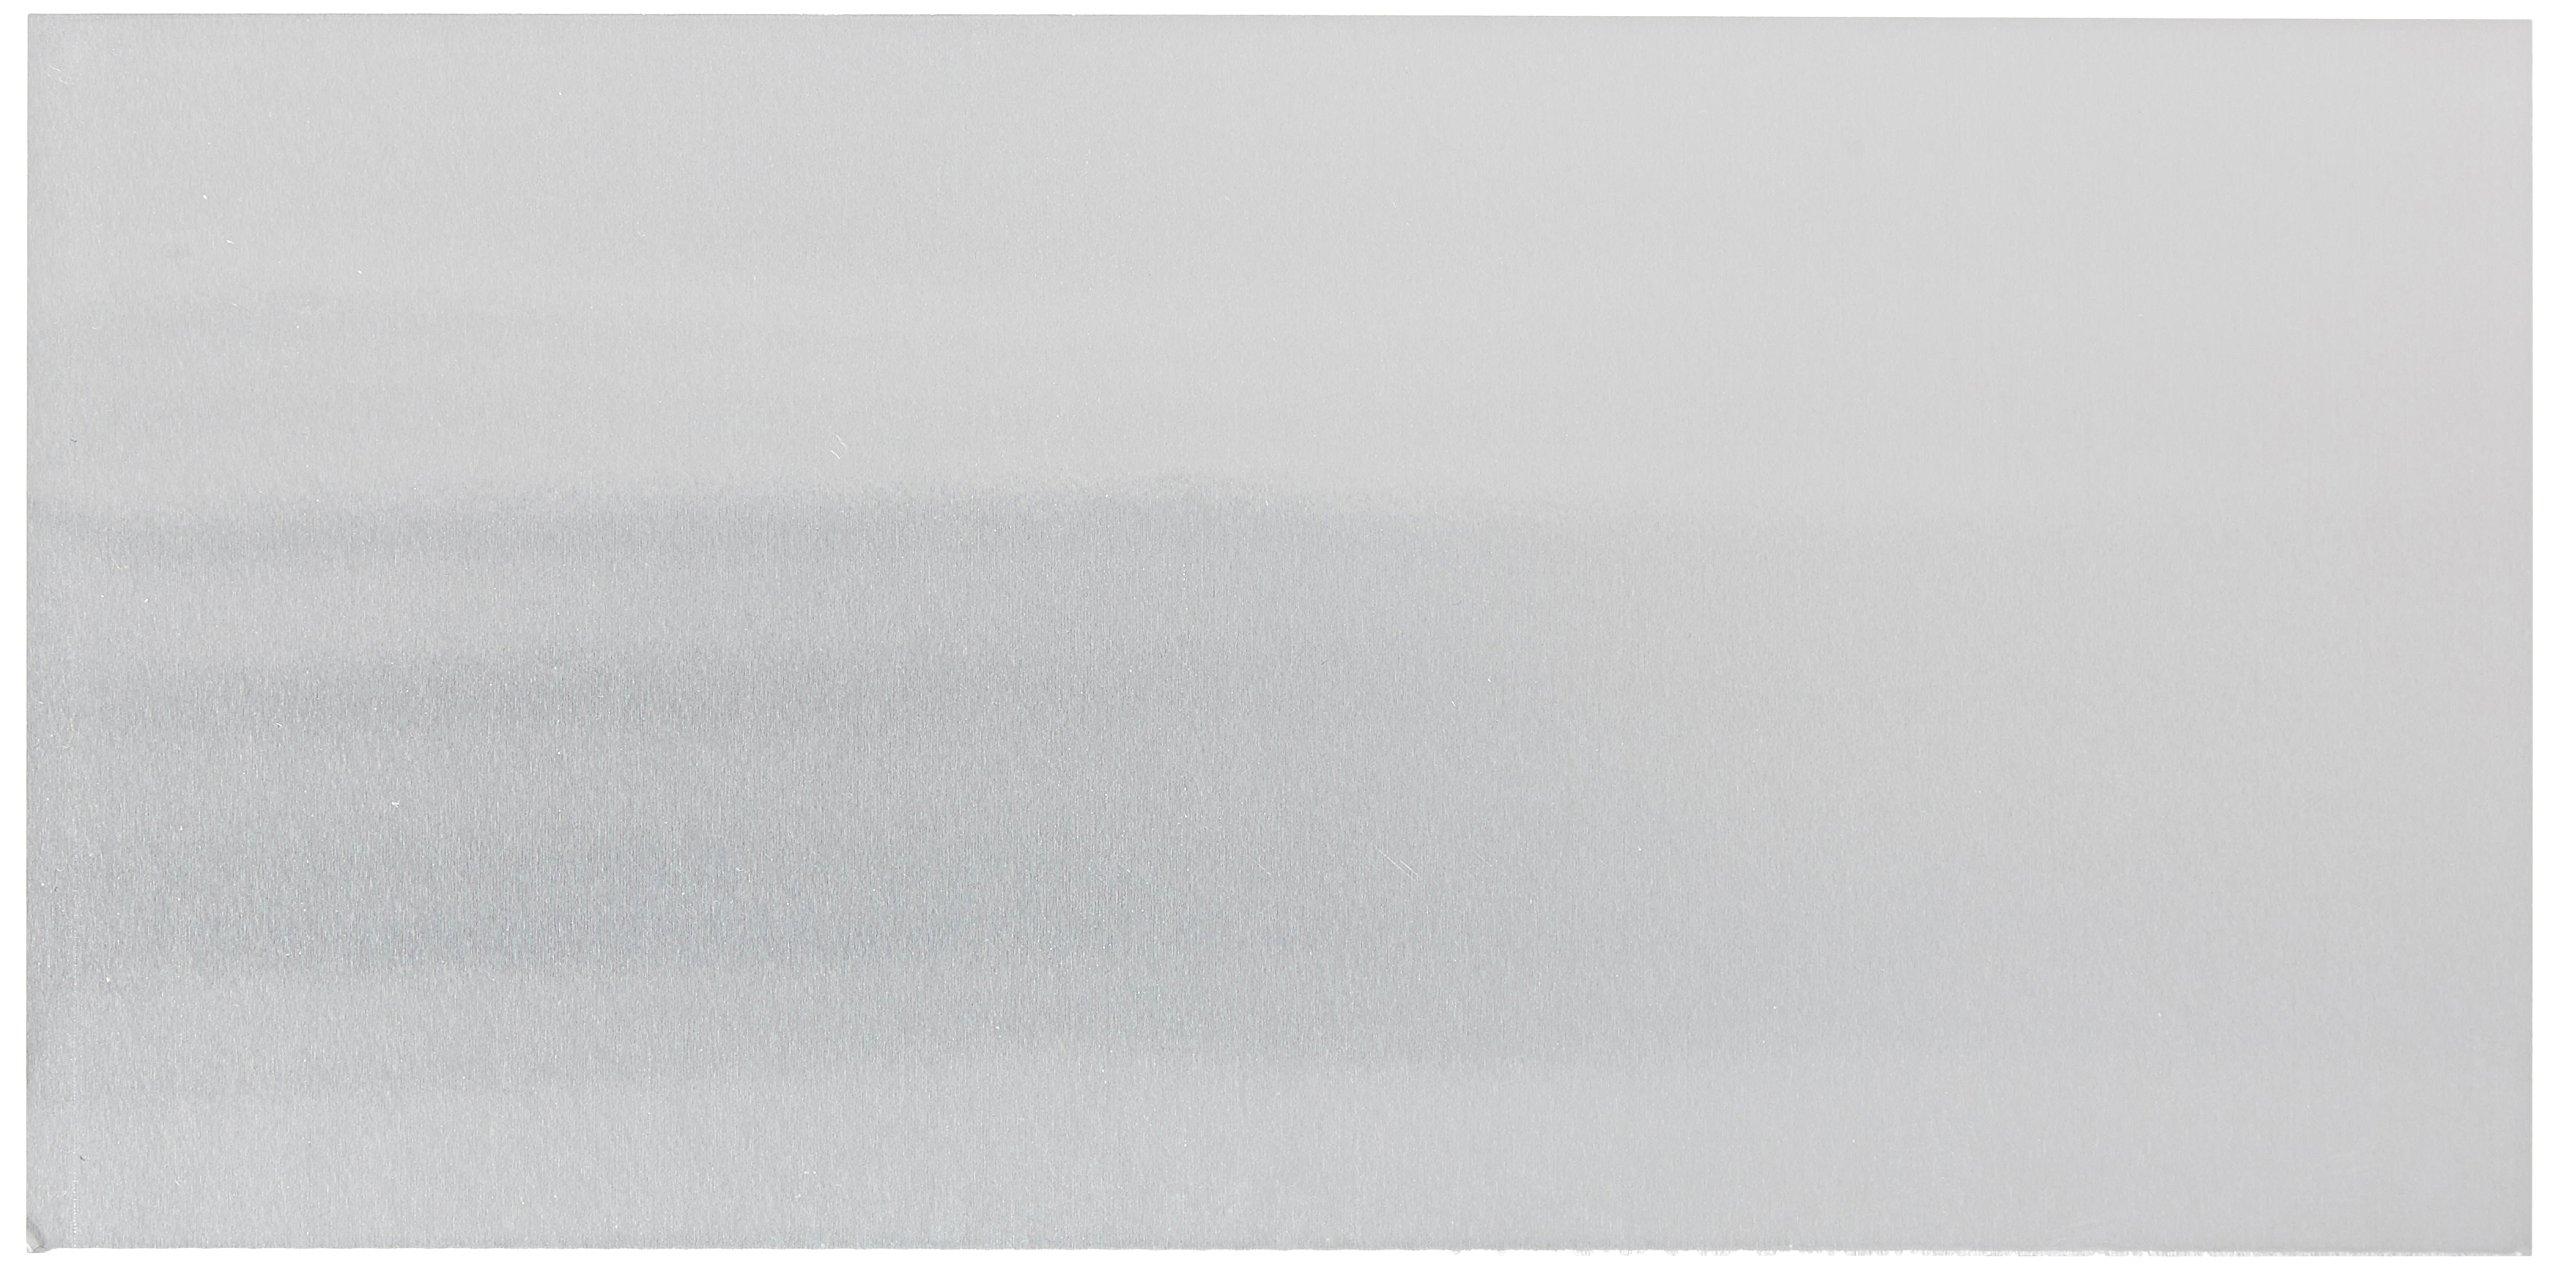 EMD Millipore 1.05570.0001 Aluminium Backed Classical Silica TLC Plate, Silica Gel 60 F254, 10cm W x 20cm L (Pack of 25) by Millipore